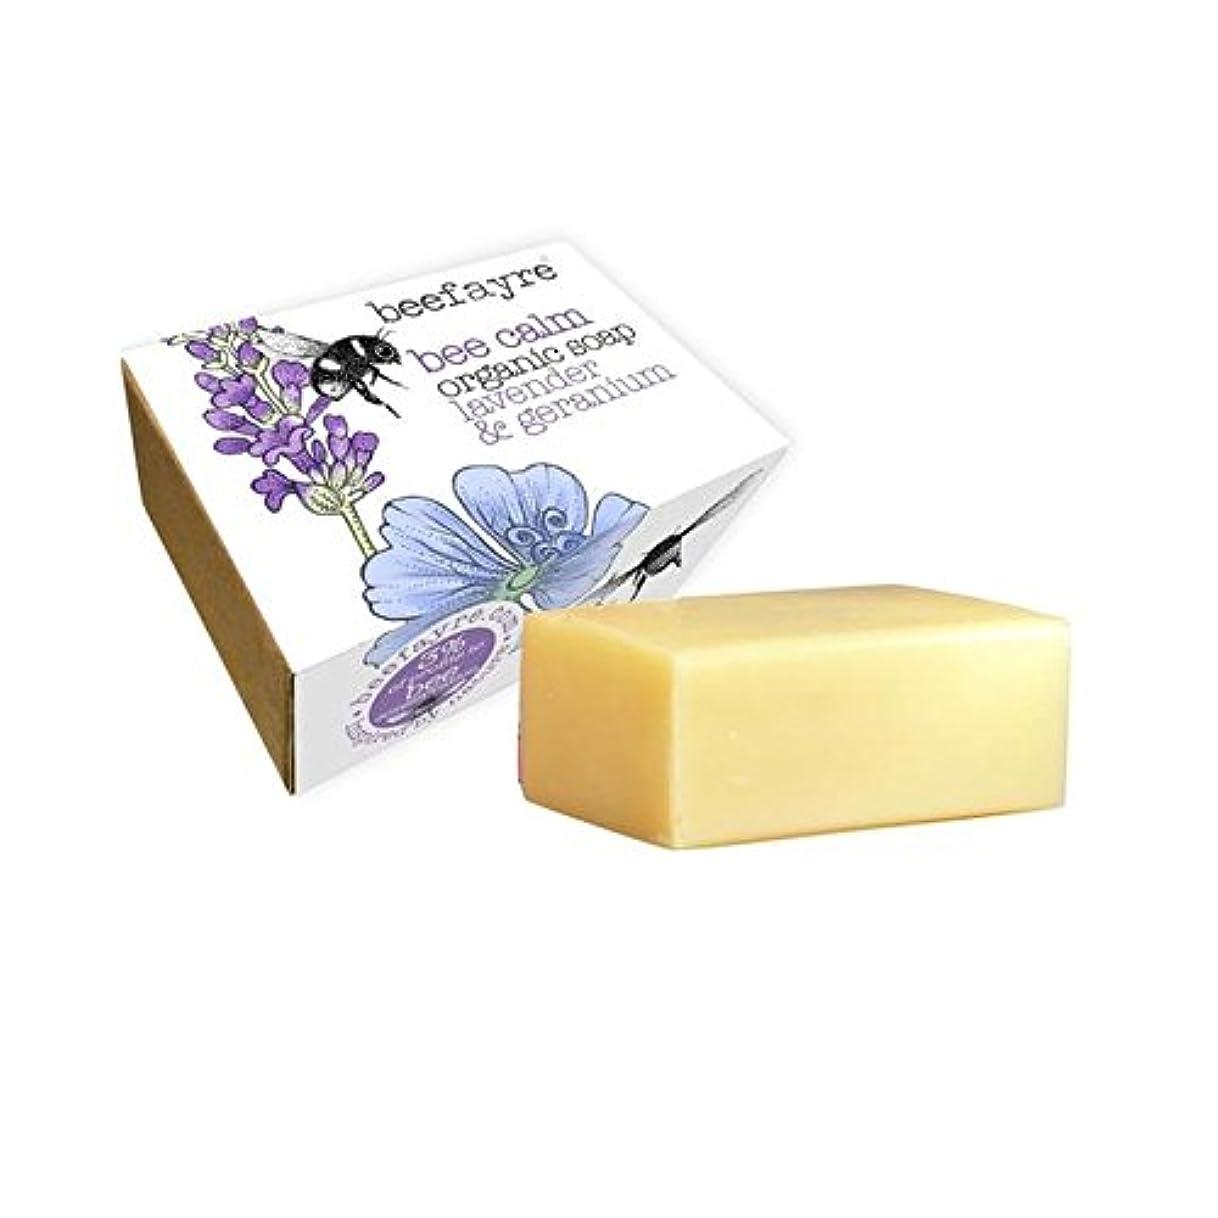 出発デコラティブ財産Beefayre Organic Geranium & Lavender Soap (Pack of 6) - 有機ゼラニウム&ラベンダー石鹸 x6 [並行輸入品]